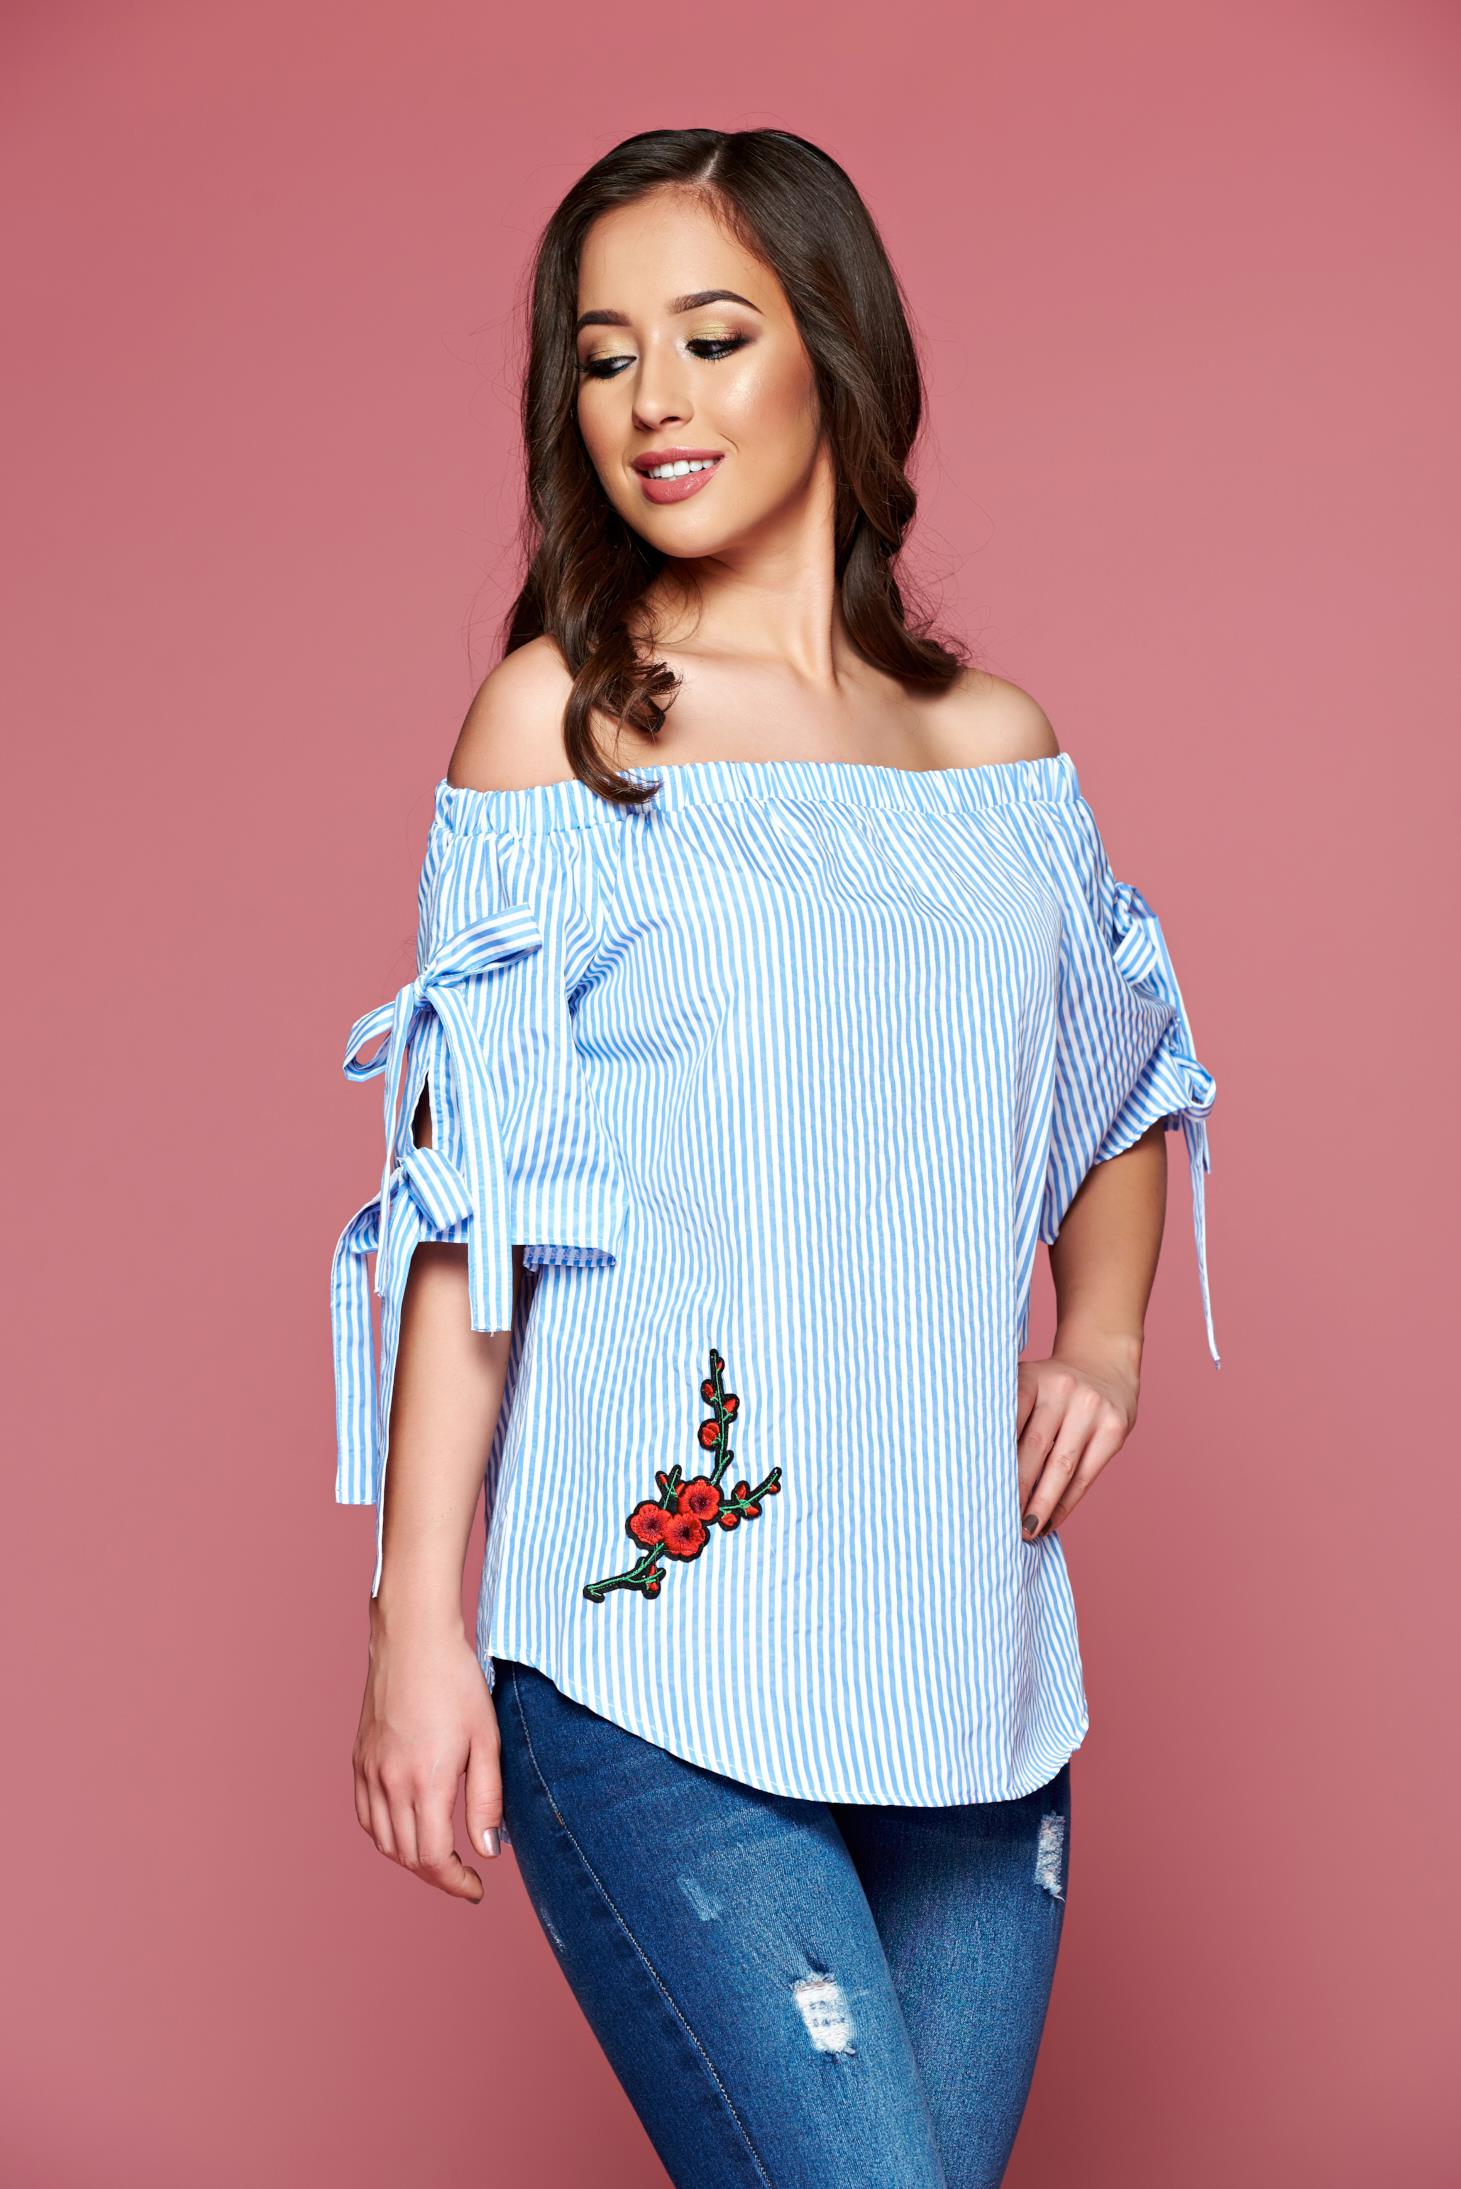 Bluza dama casual cu dungi verticale albastra cu insertii de broderie